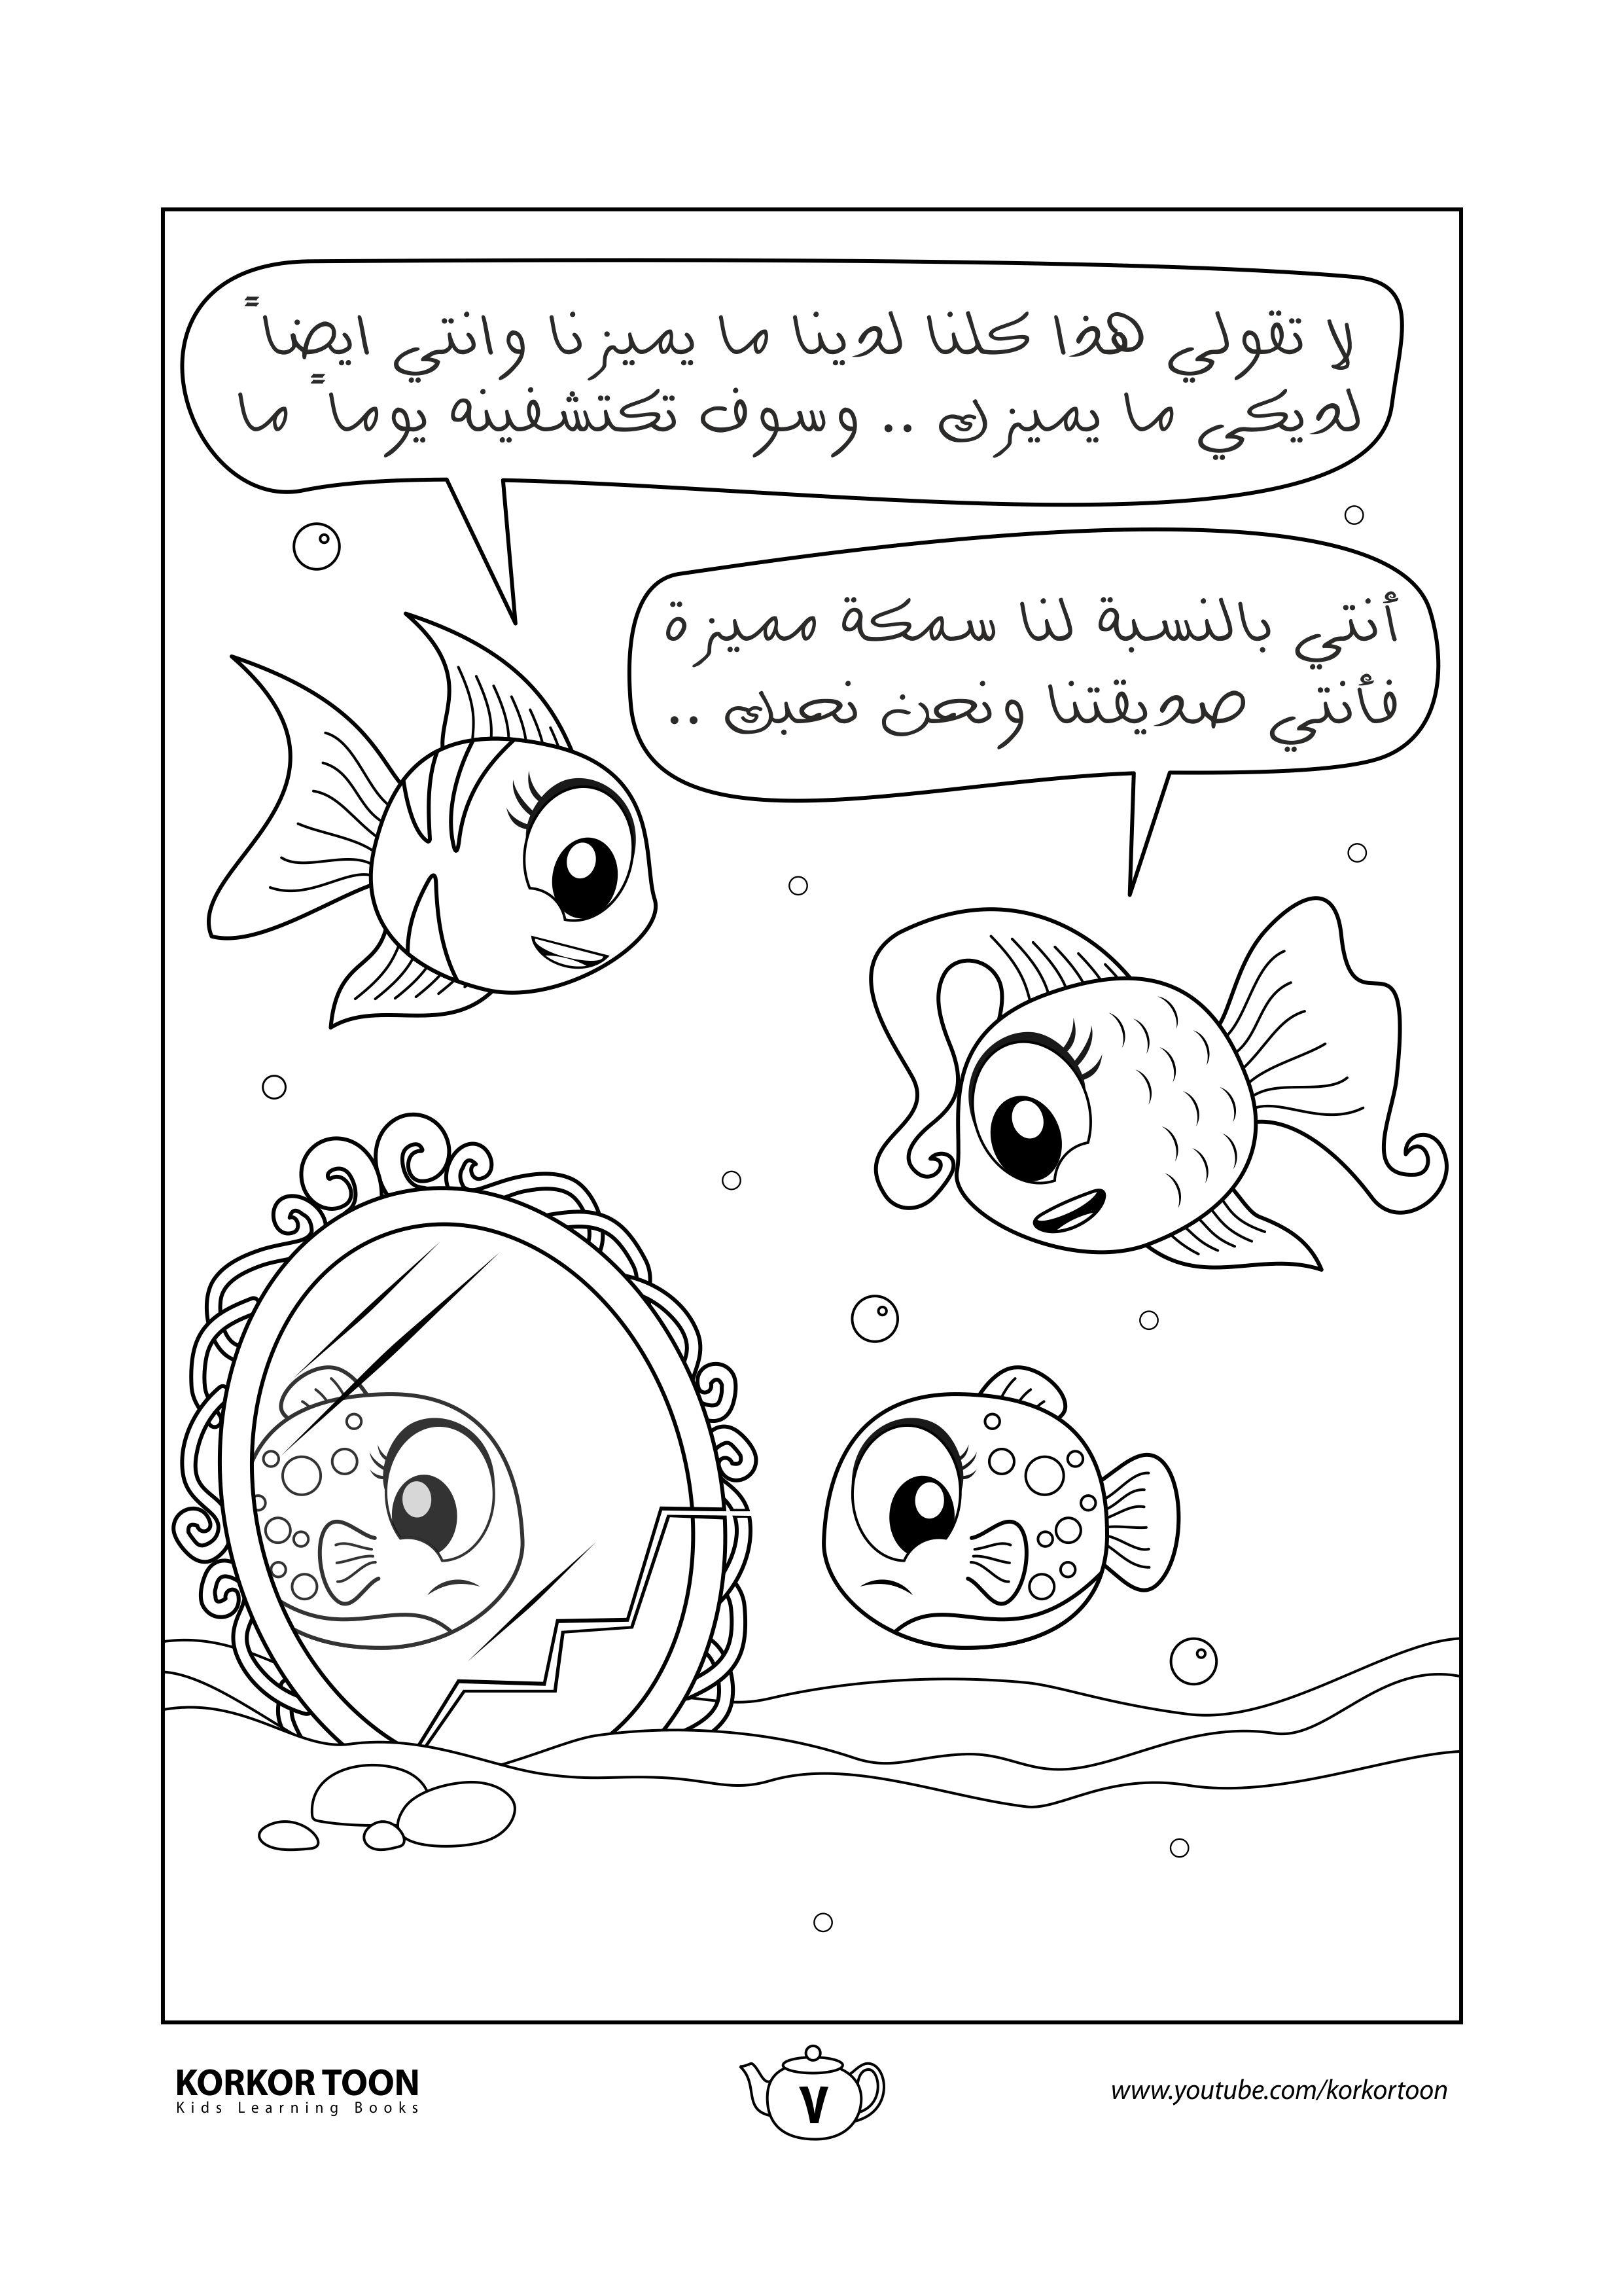 كتاب تلوين قصة السمكة المميزة صفحة 7 In 2021 Coloring Books Books Color